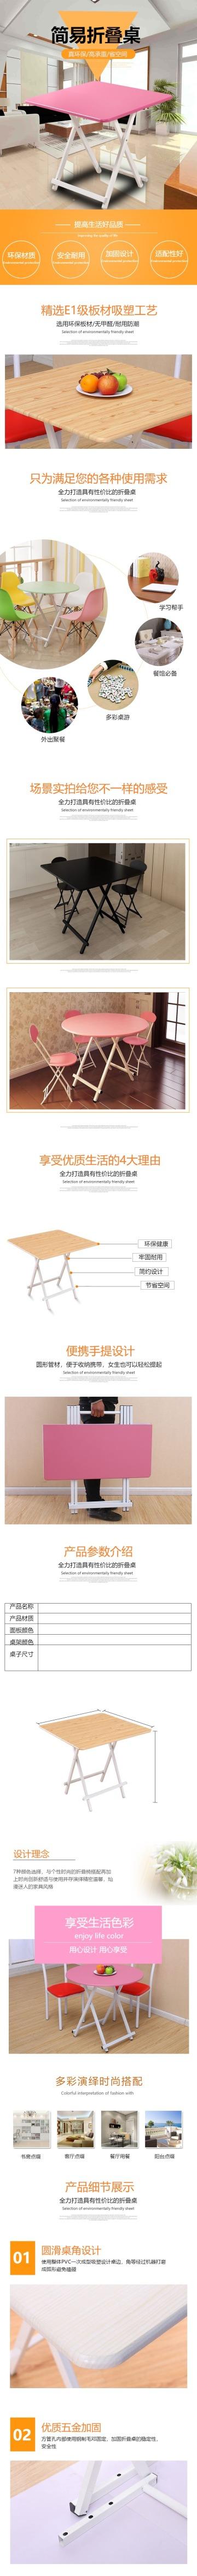 简约时尚折叠桌电商详情页